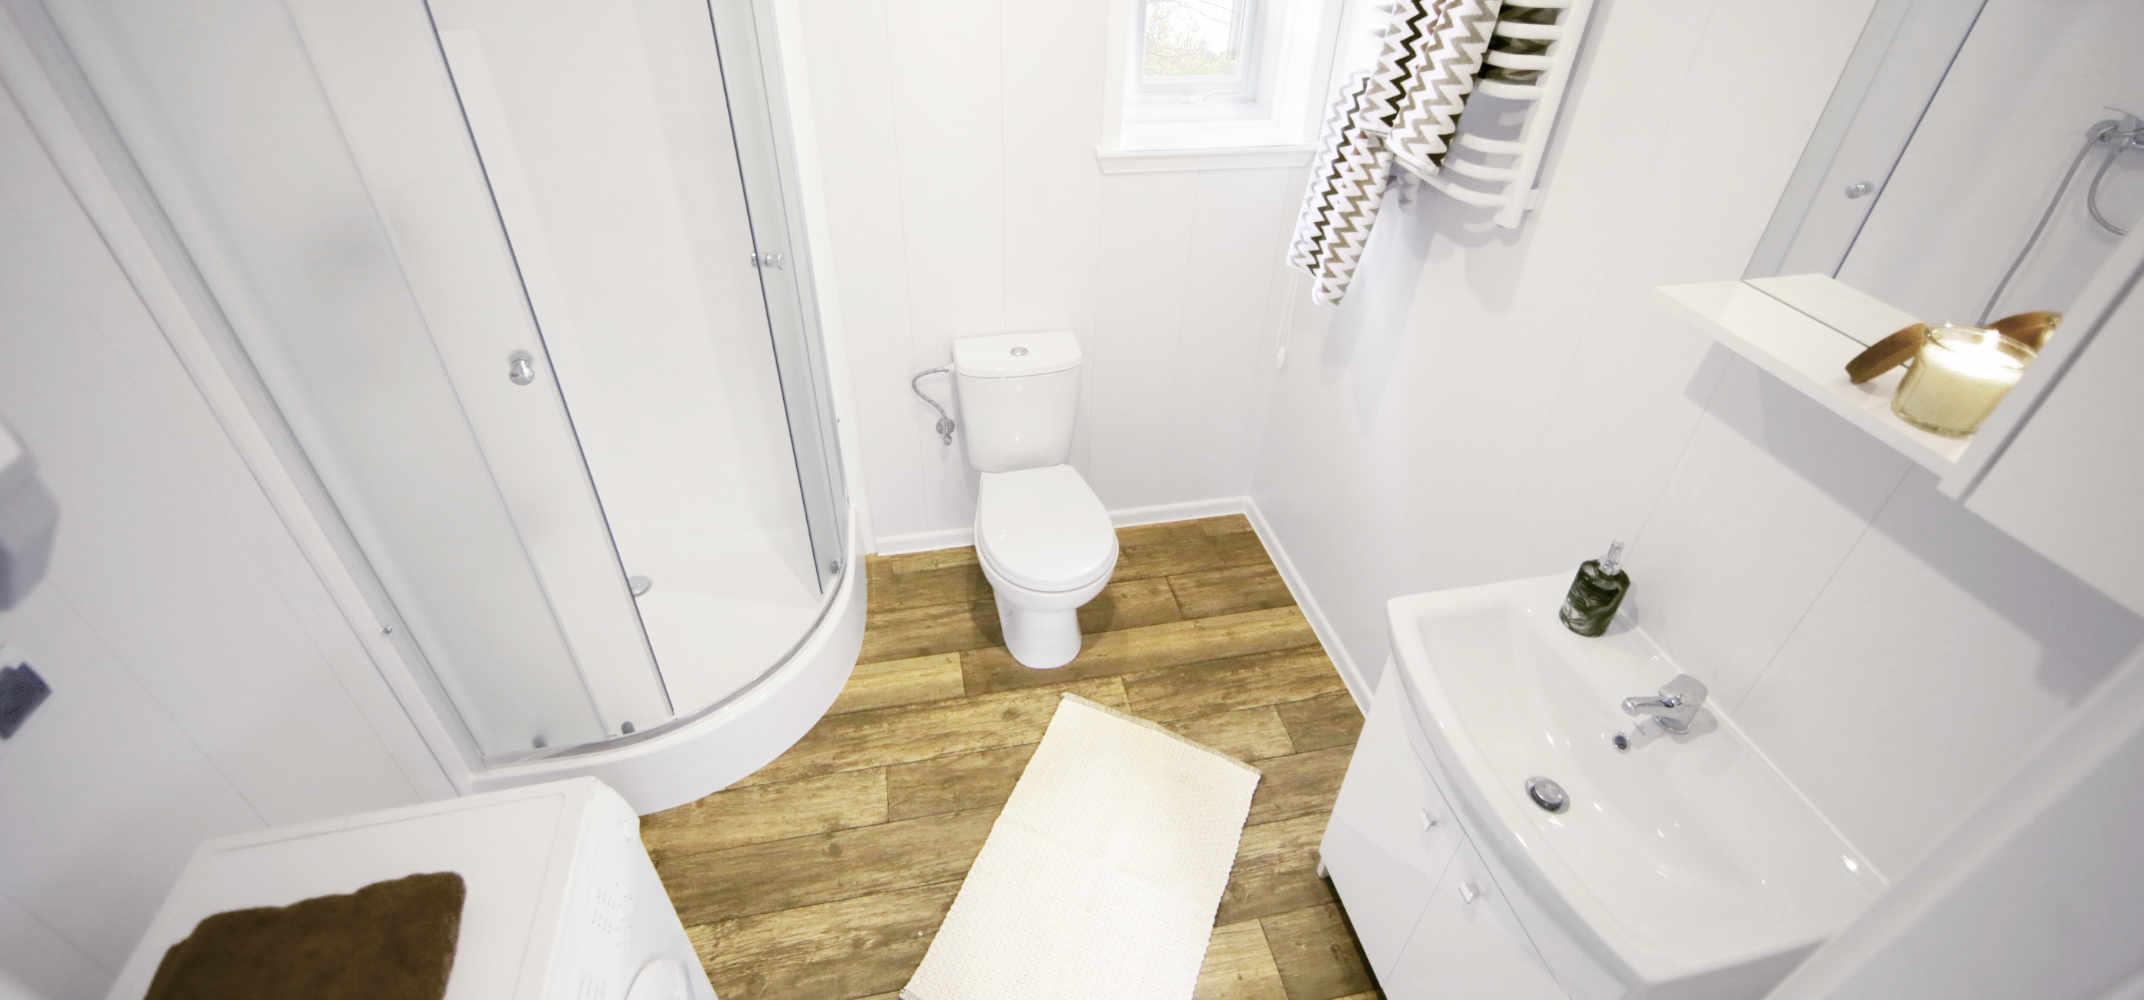 35 WC:dusch besk.jpg